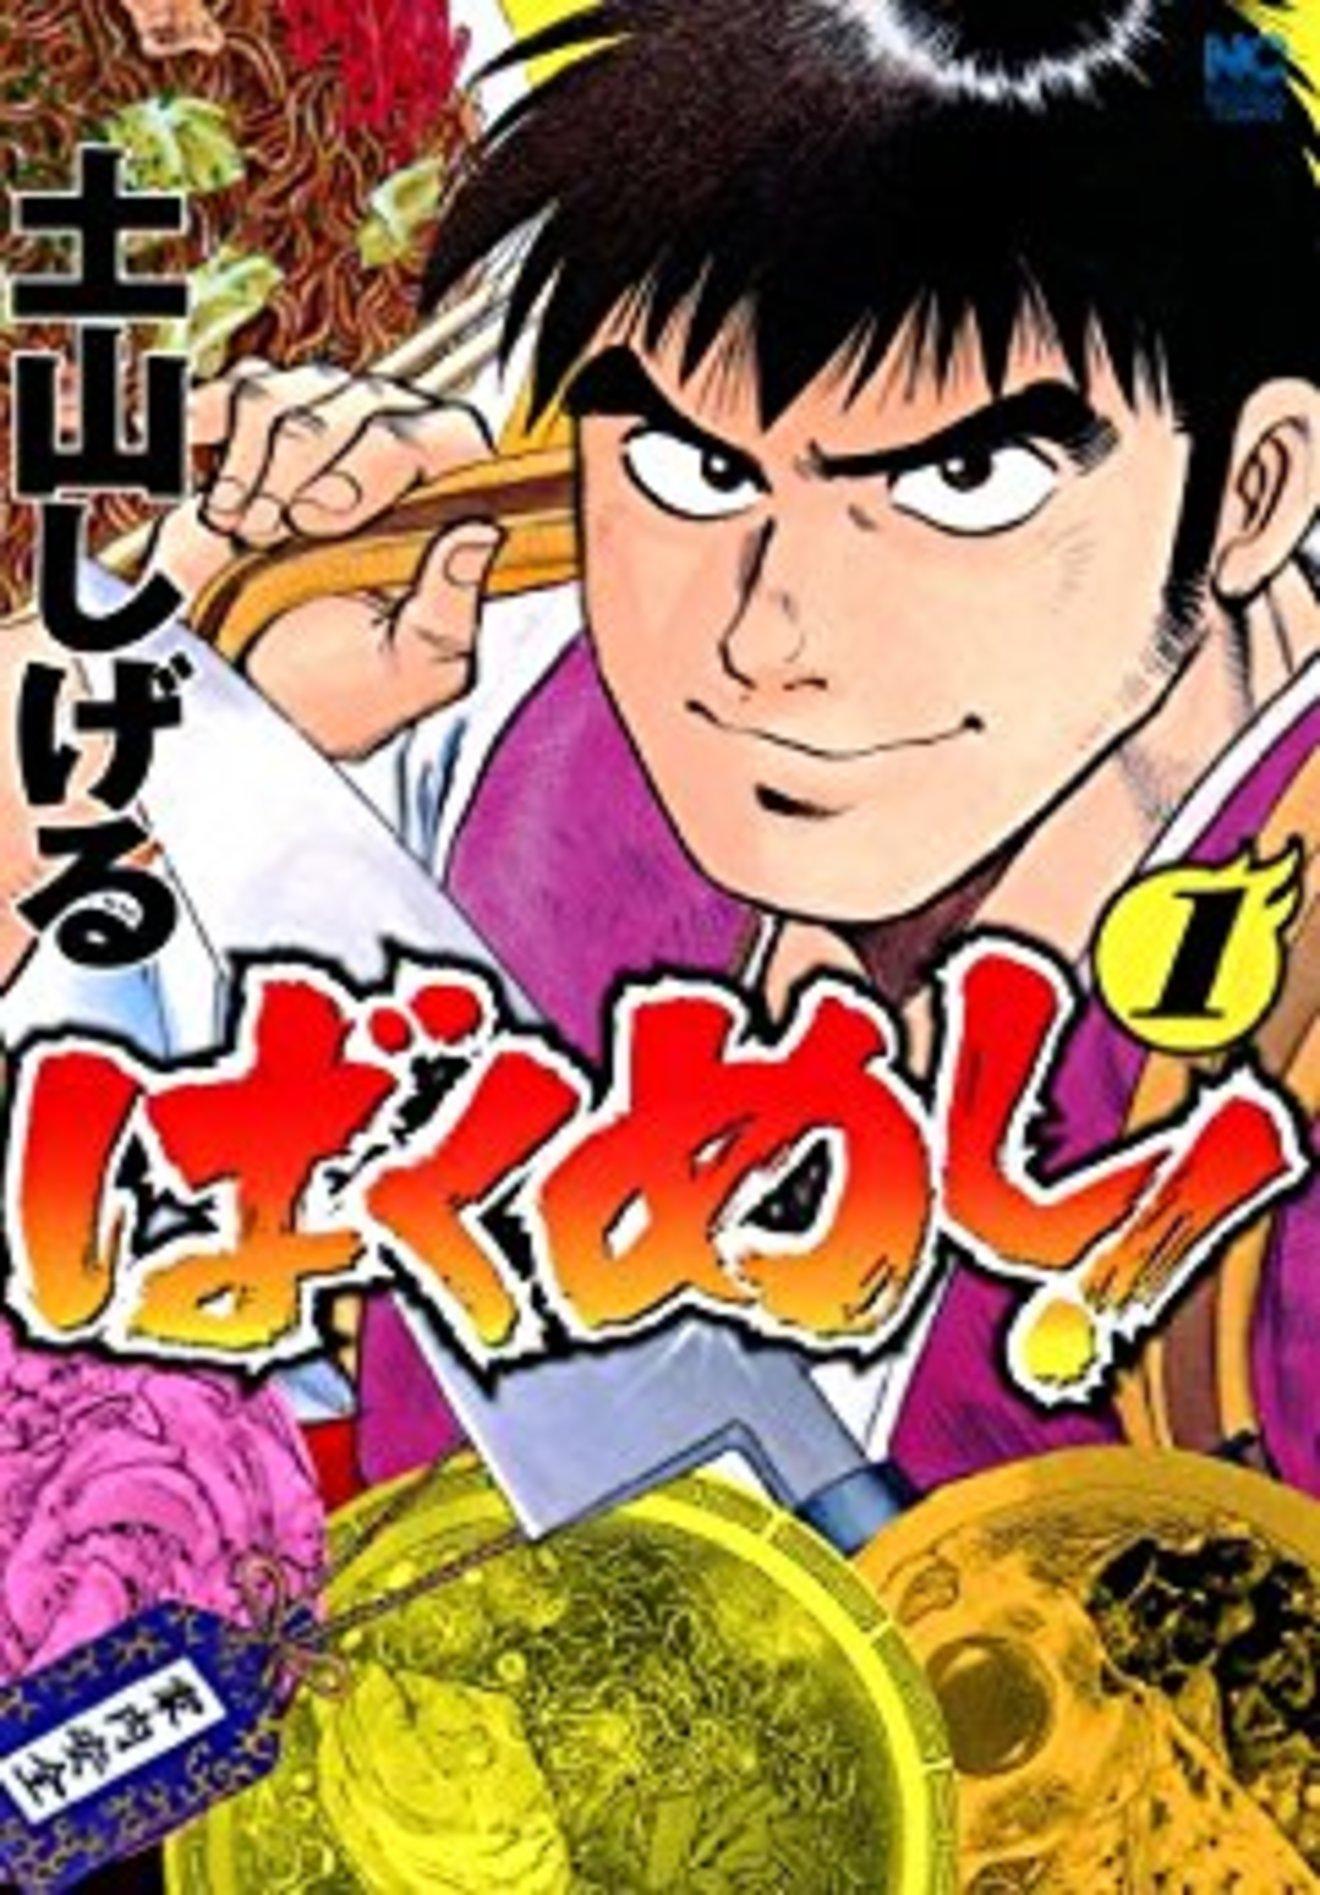 無料で読める『ばくめし!』全6巻の見所をネタバレ紹介!ツッコミ必至!